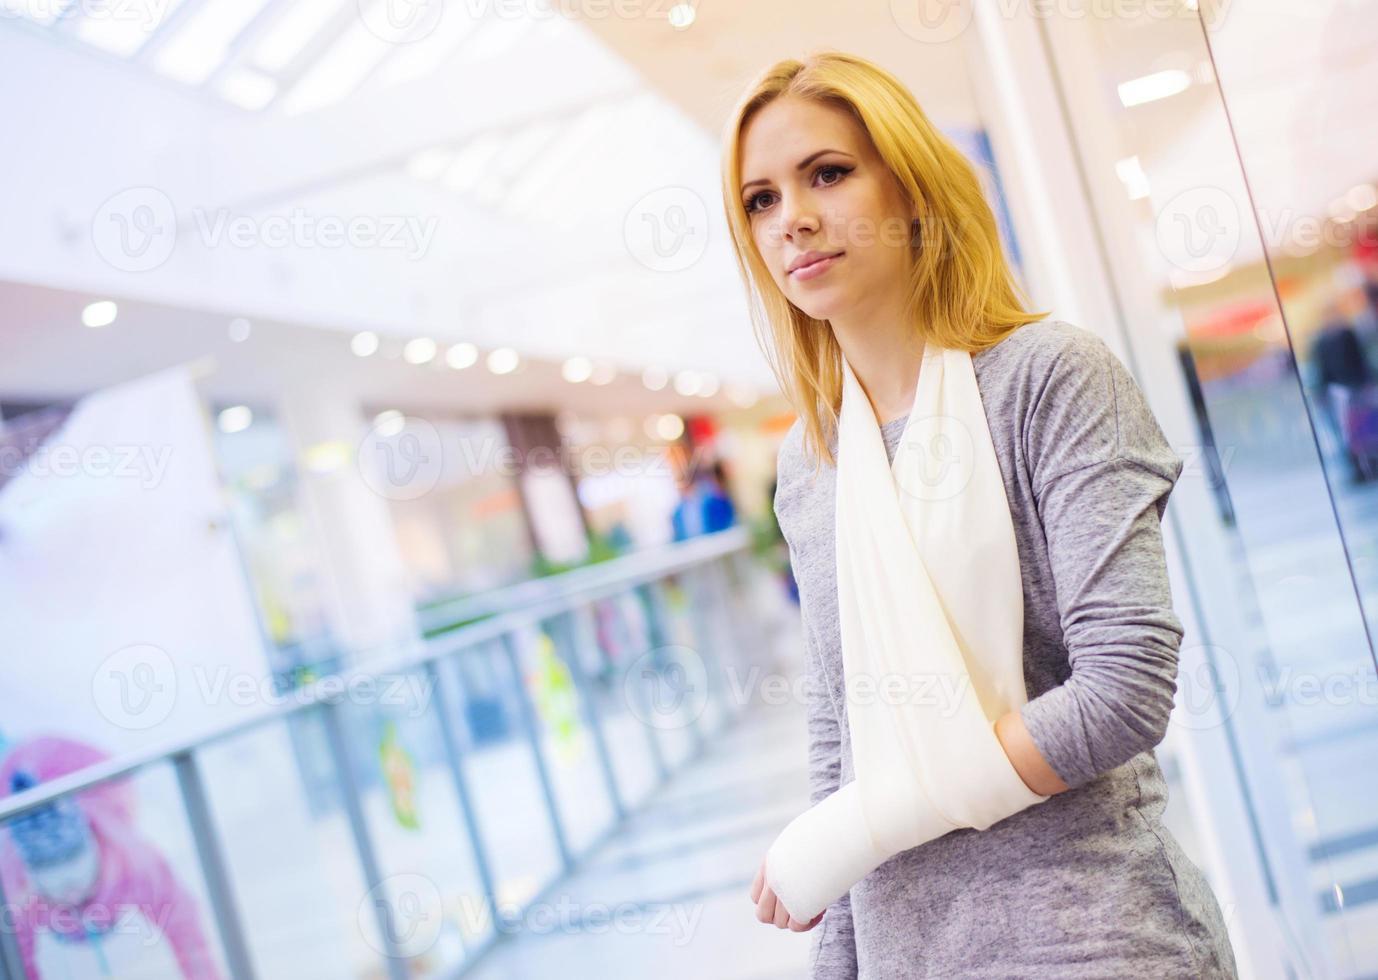 mulher com braço quebrado foto